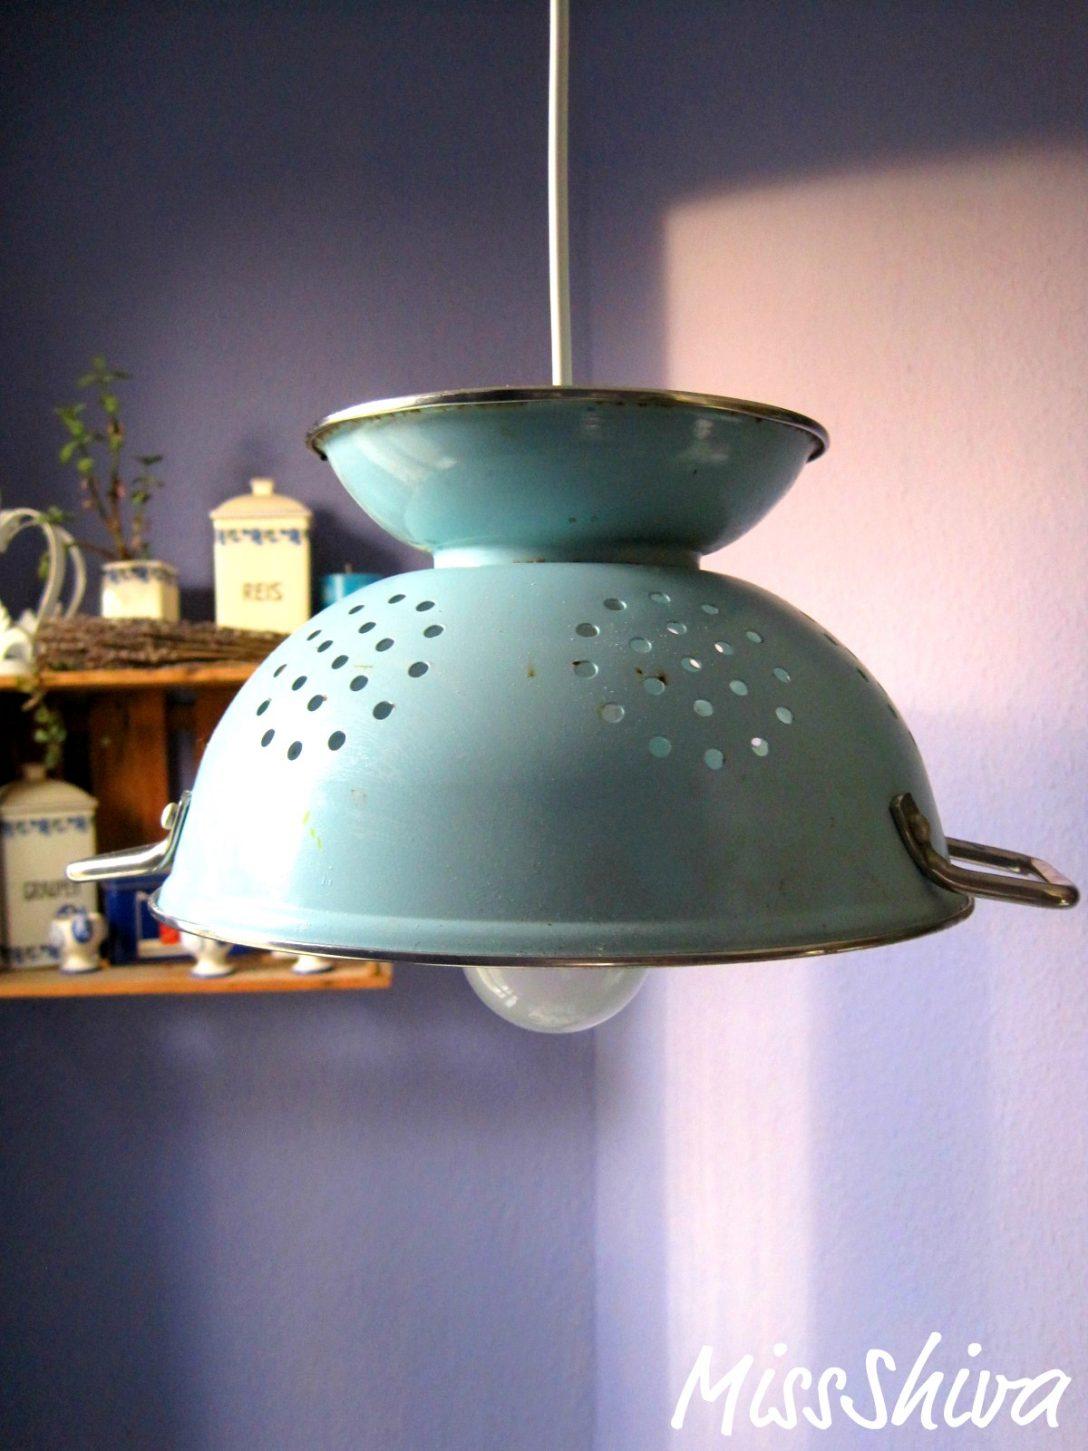 Large Size of Deckenlampe Selber Bauen Lampen Selbermachen 25 Diy Lampenideen Zum Nachbasteln Einbauküche Fenster Einbauen Bodengleiche Dusche Nachträglich Deckenlampen Wohnzimmer Deckenlampe Selber Bauen